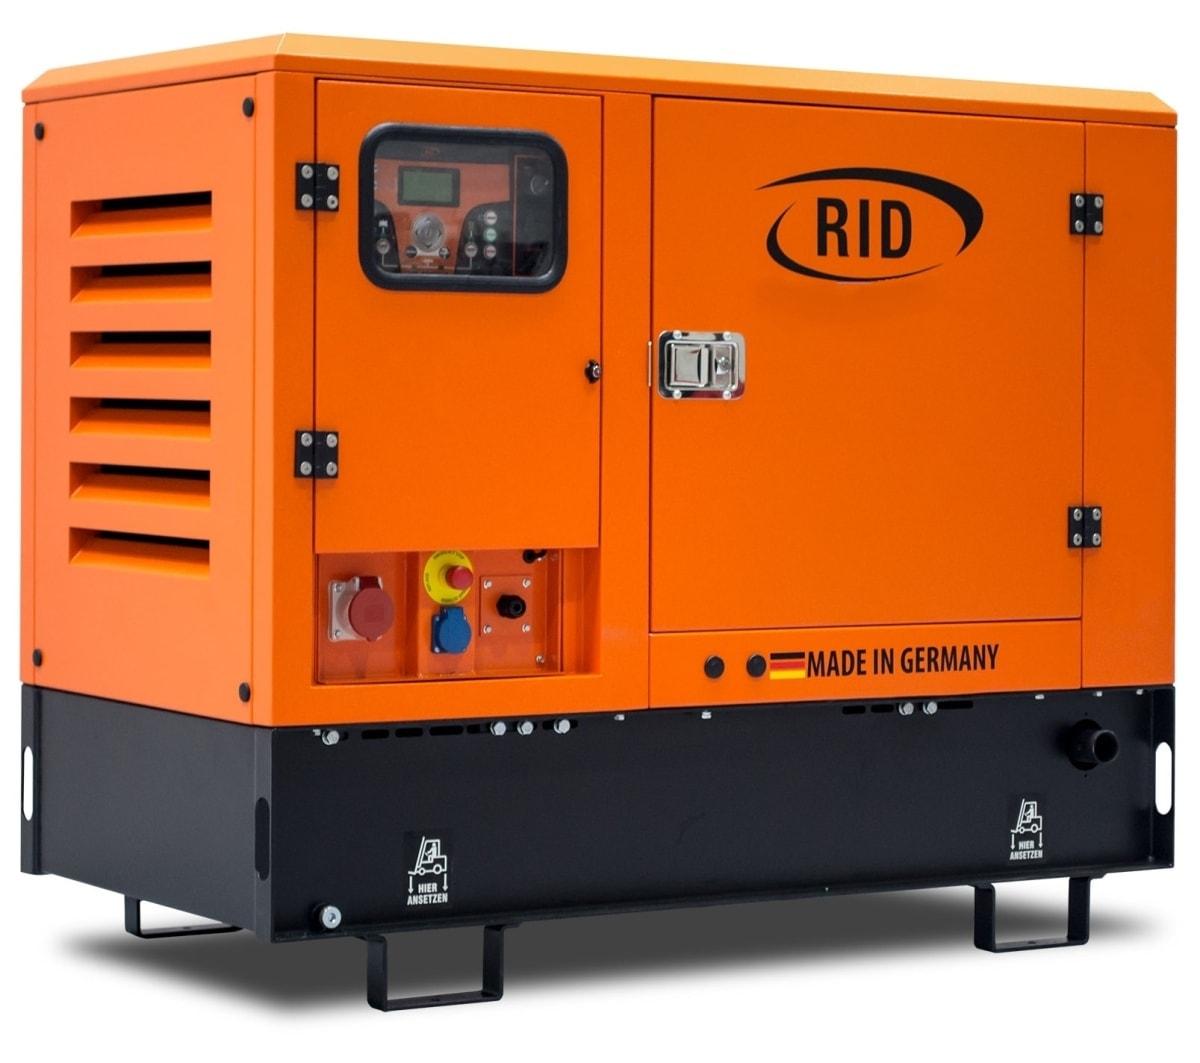 дизельная электростанция rid 10 e-series s